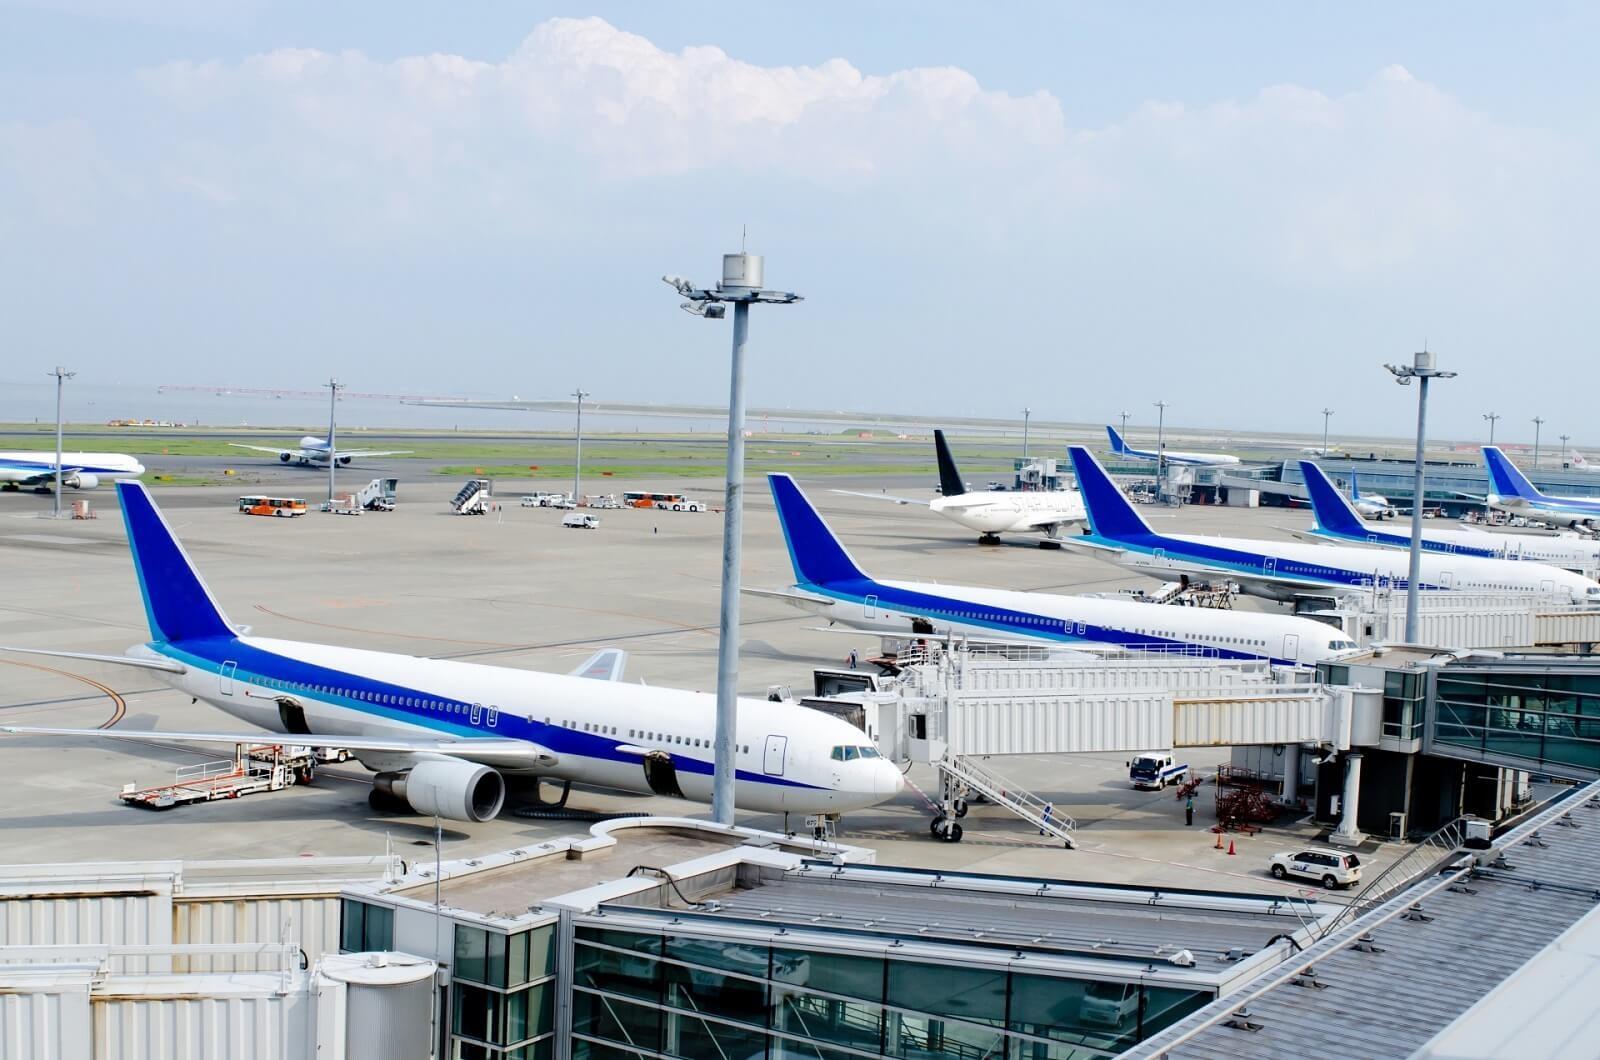 飛行機での出張の注意点。空港に飛行機が並ぶ描写。